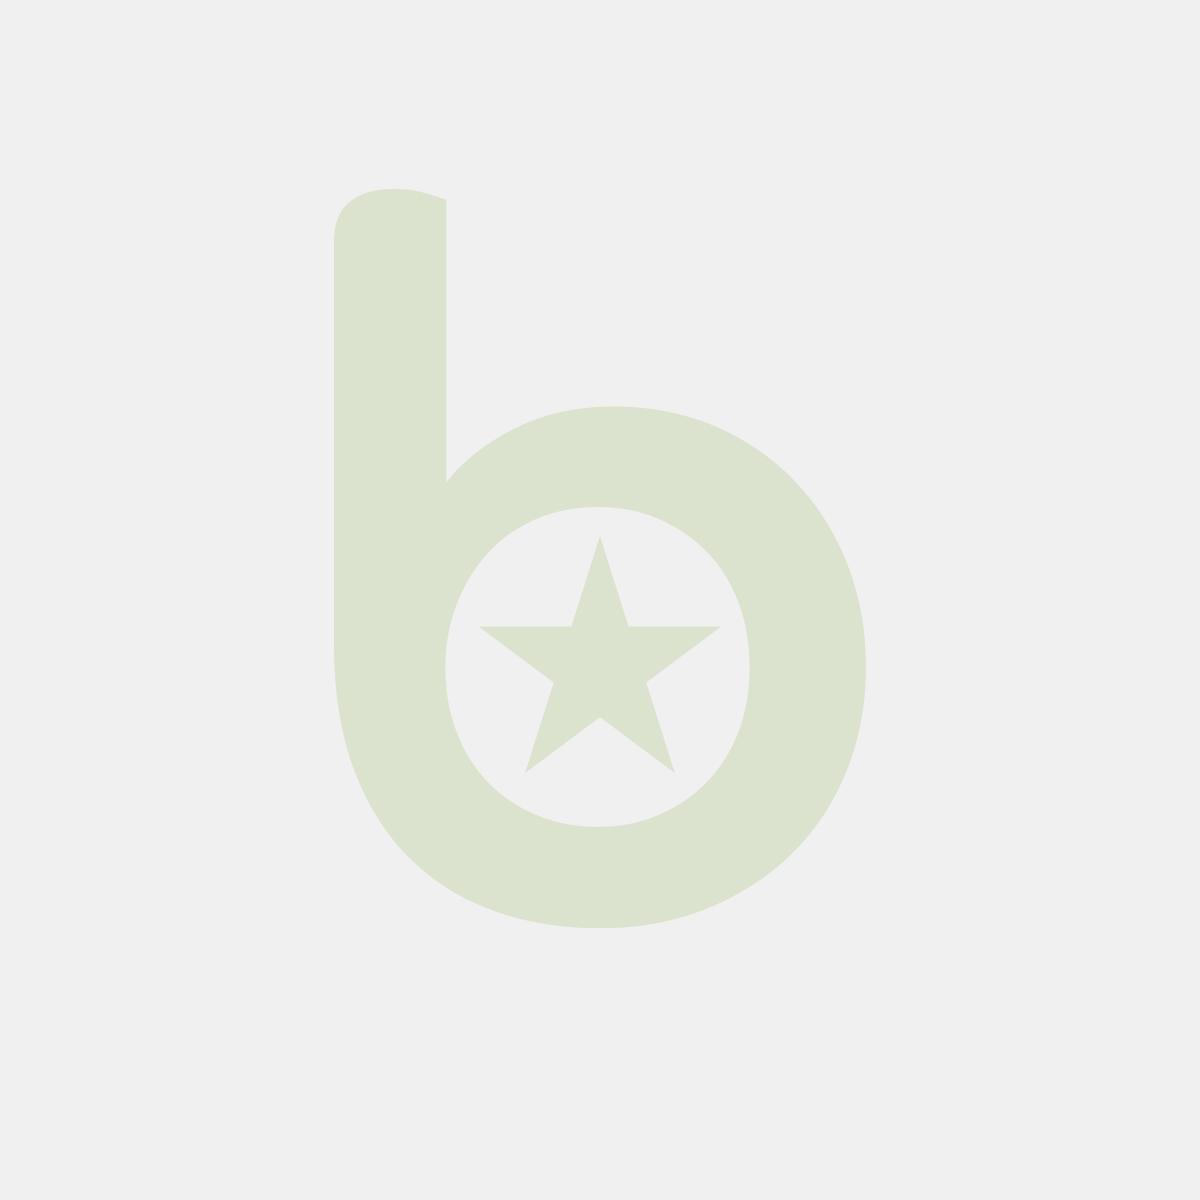 Taca drewnopodobna prostokątna 53x32cm brązowa GN1/1, melamina